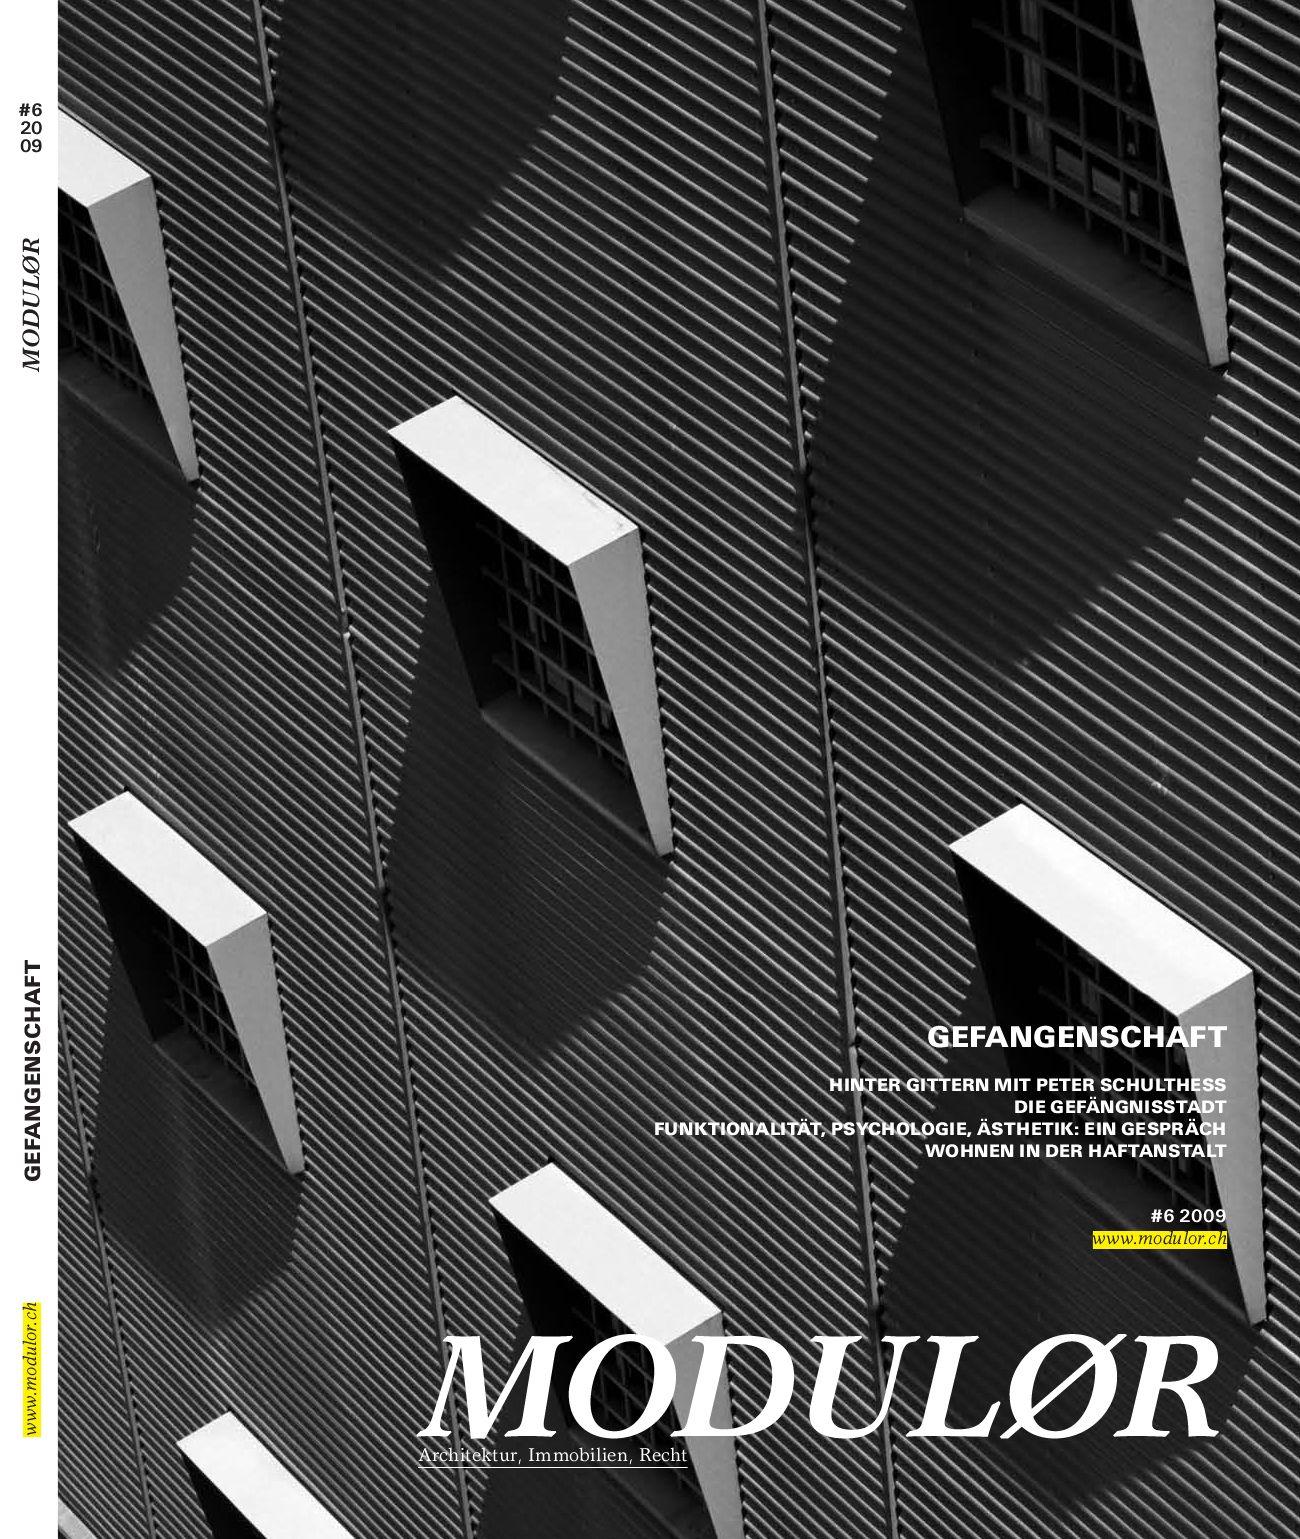 MODULØR #6 2009 by Boll Verlag - issuu